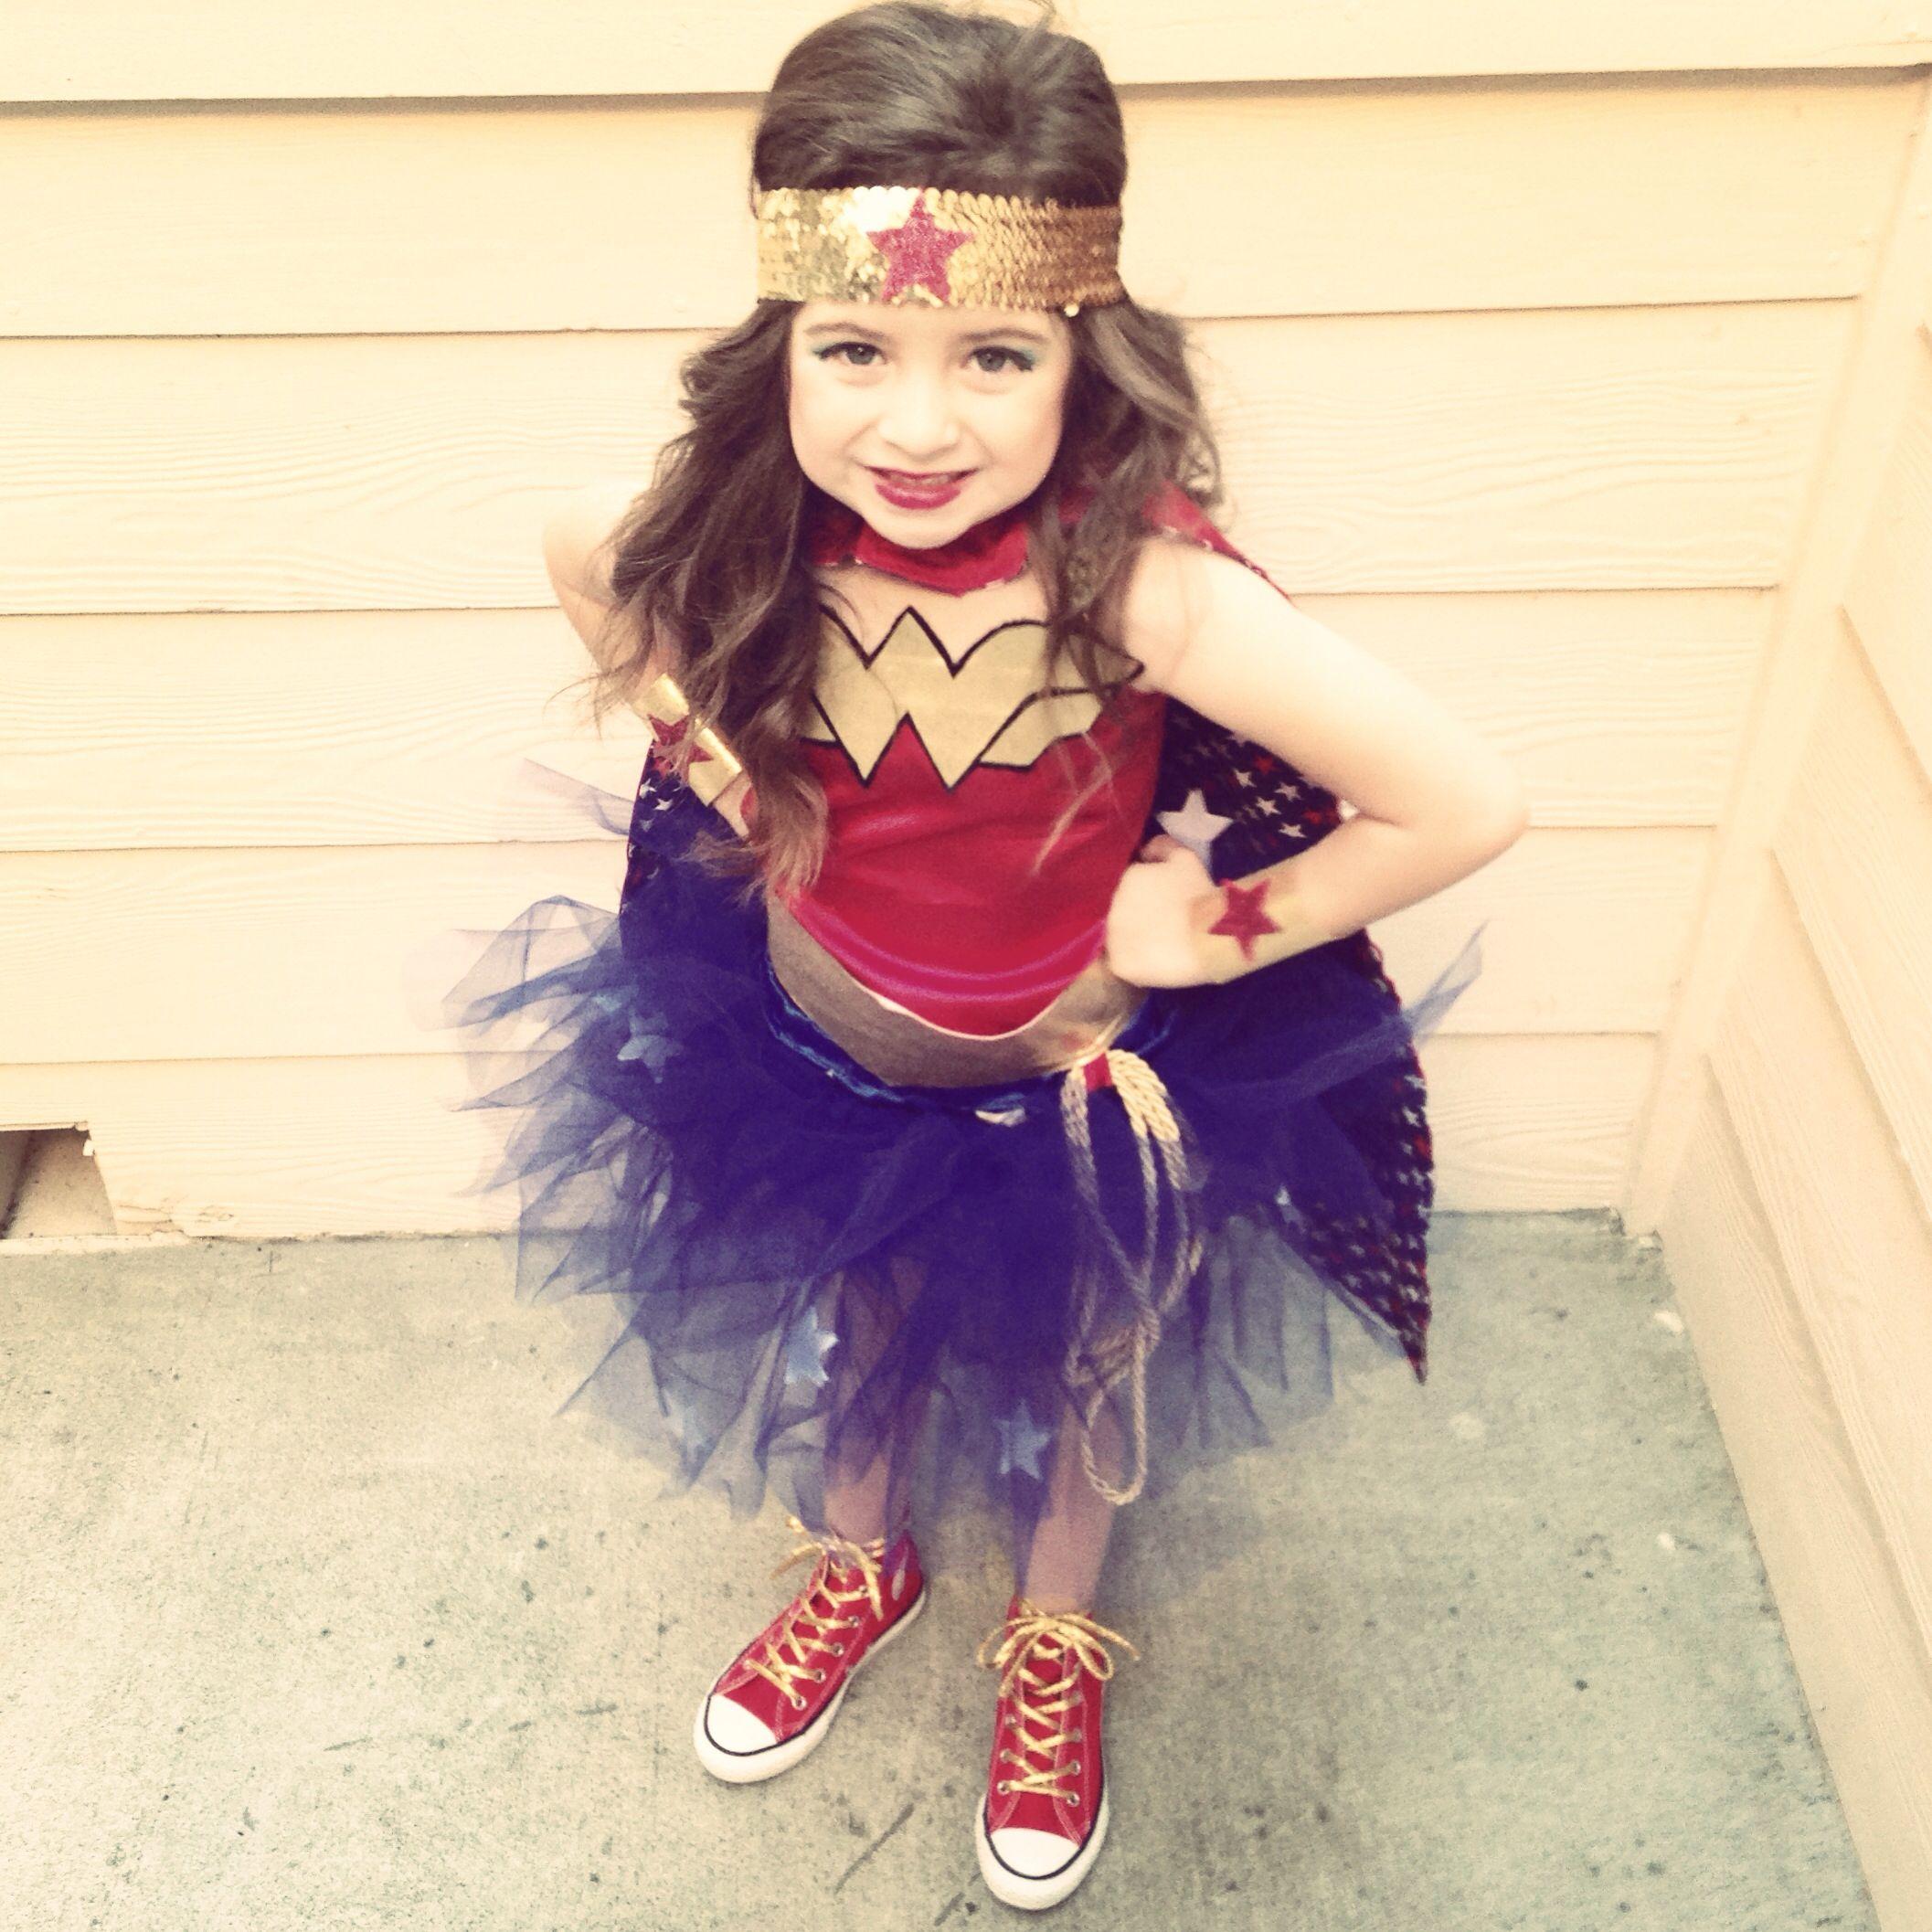 Kids Wonder Woman Costume Carneval Halloween Costume Kids Karneval Kostum Fasching Kinder Wonderwoman Supergirl Superhero In Disguise In 2019 Wo